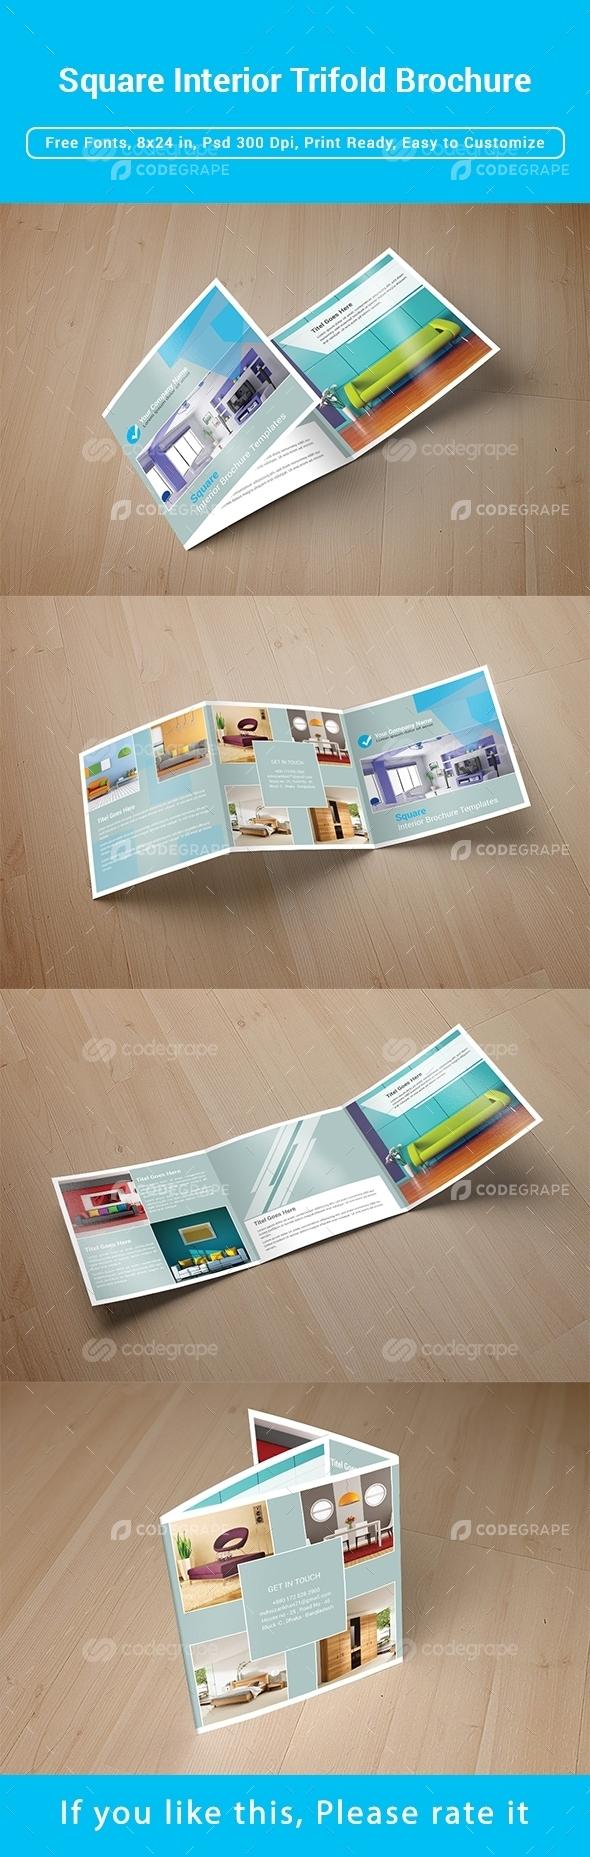 Square Interior Trifold Brochure